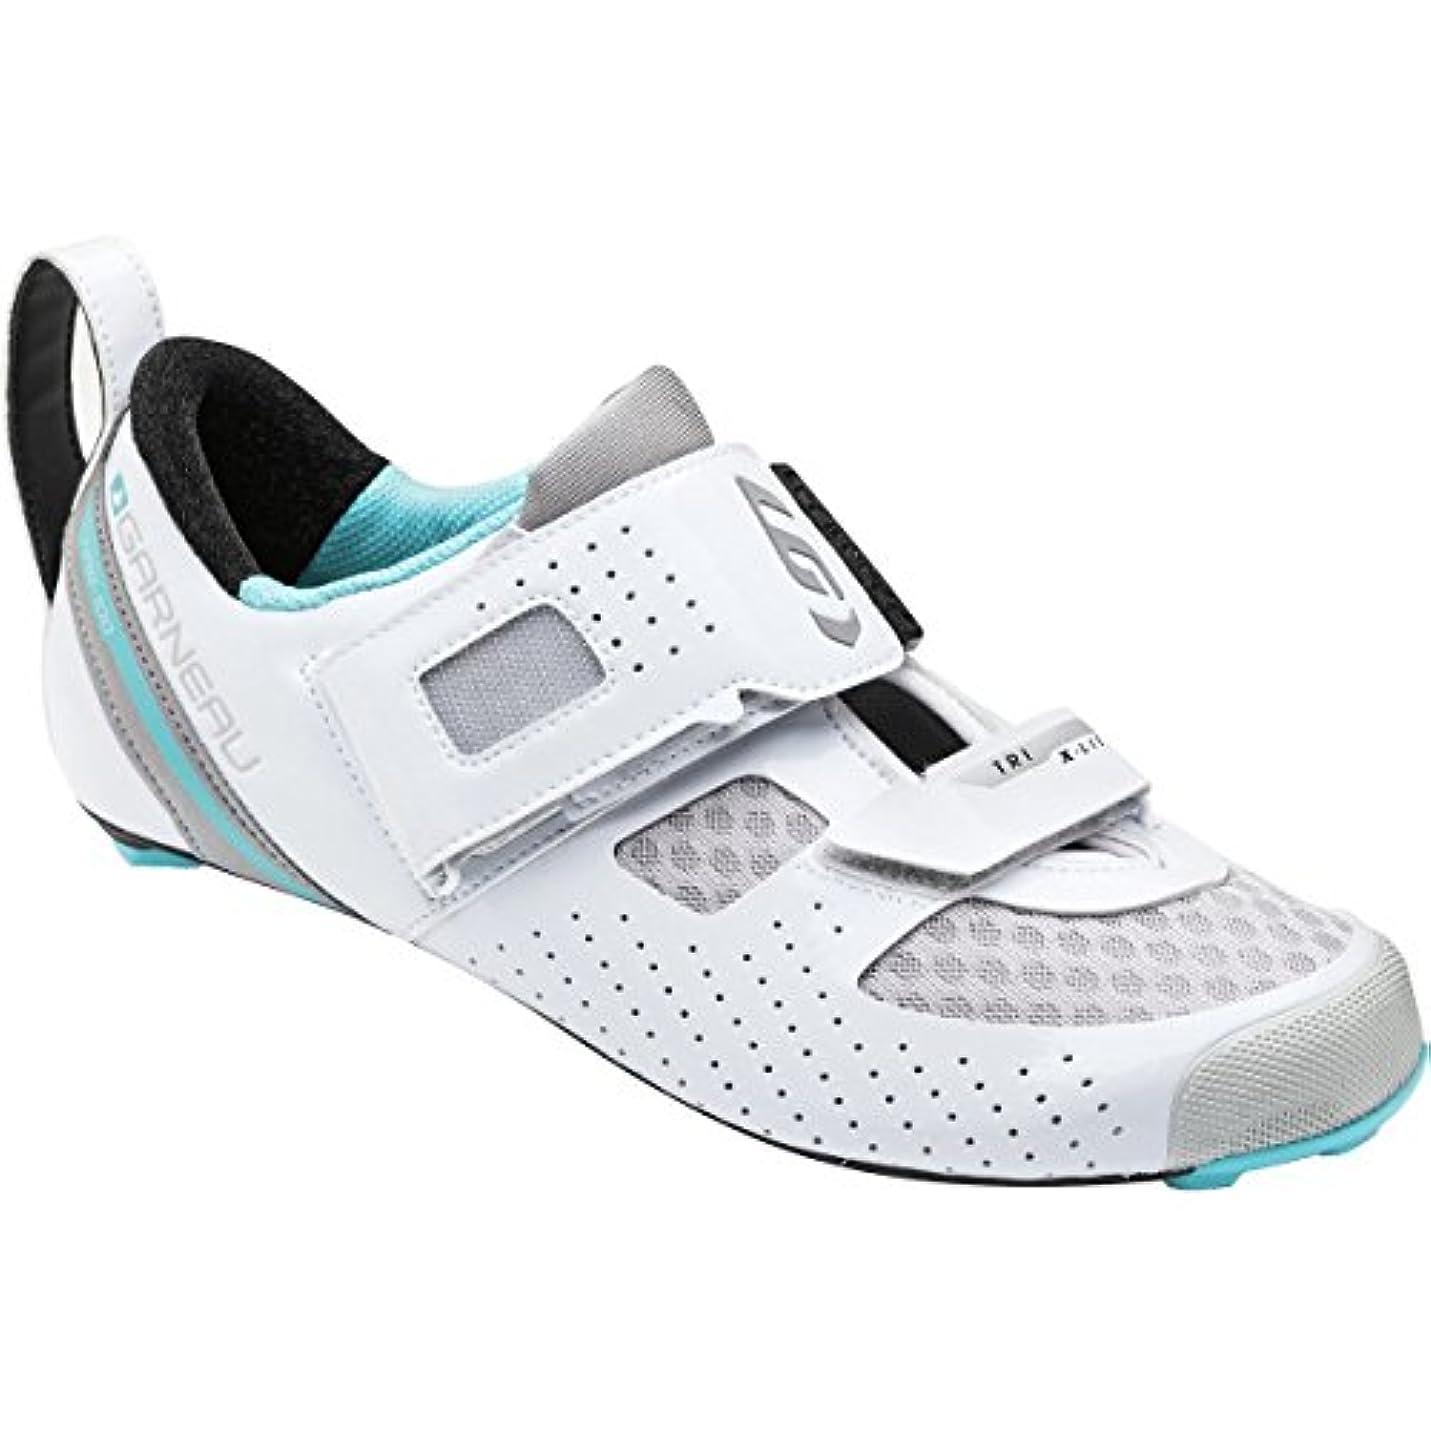 まぶしさたるみ批判[イルスガーナー] レディース サイクリング Tri X-Lite II Shoe - Women's [並行輸入品]